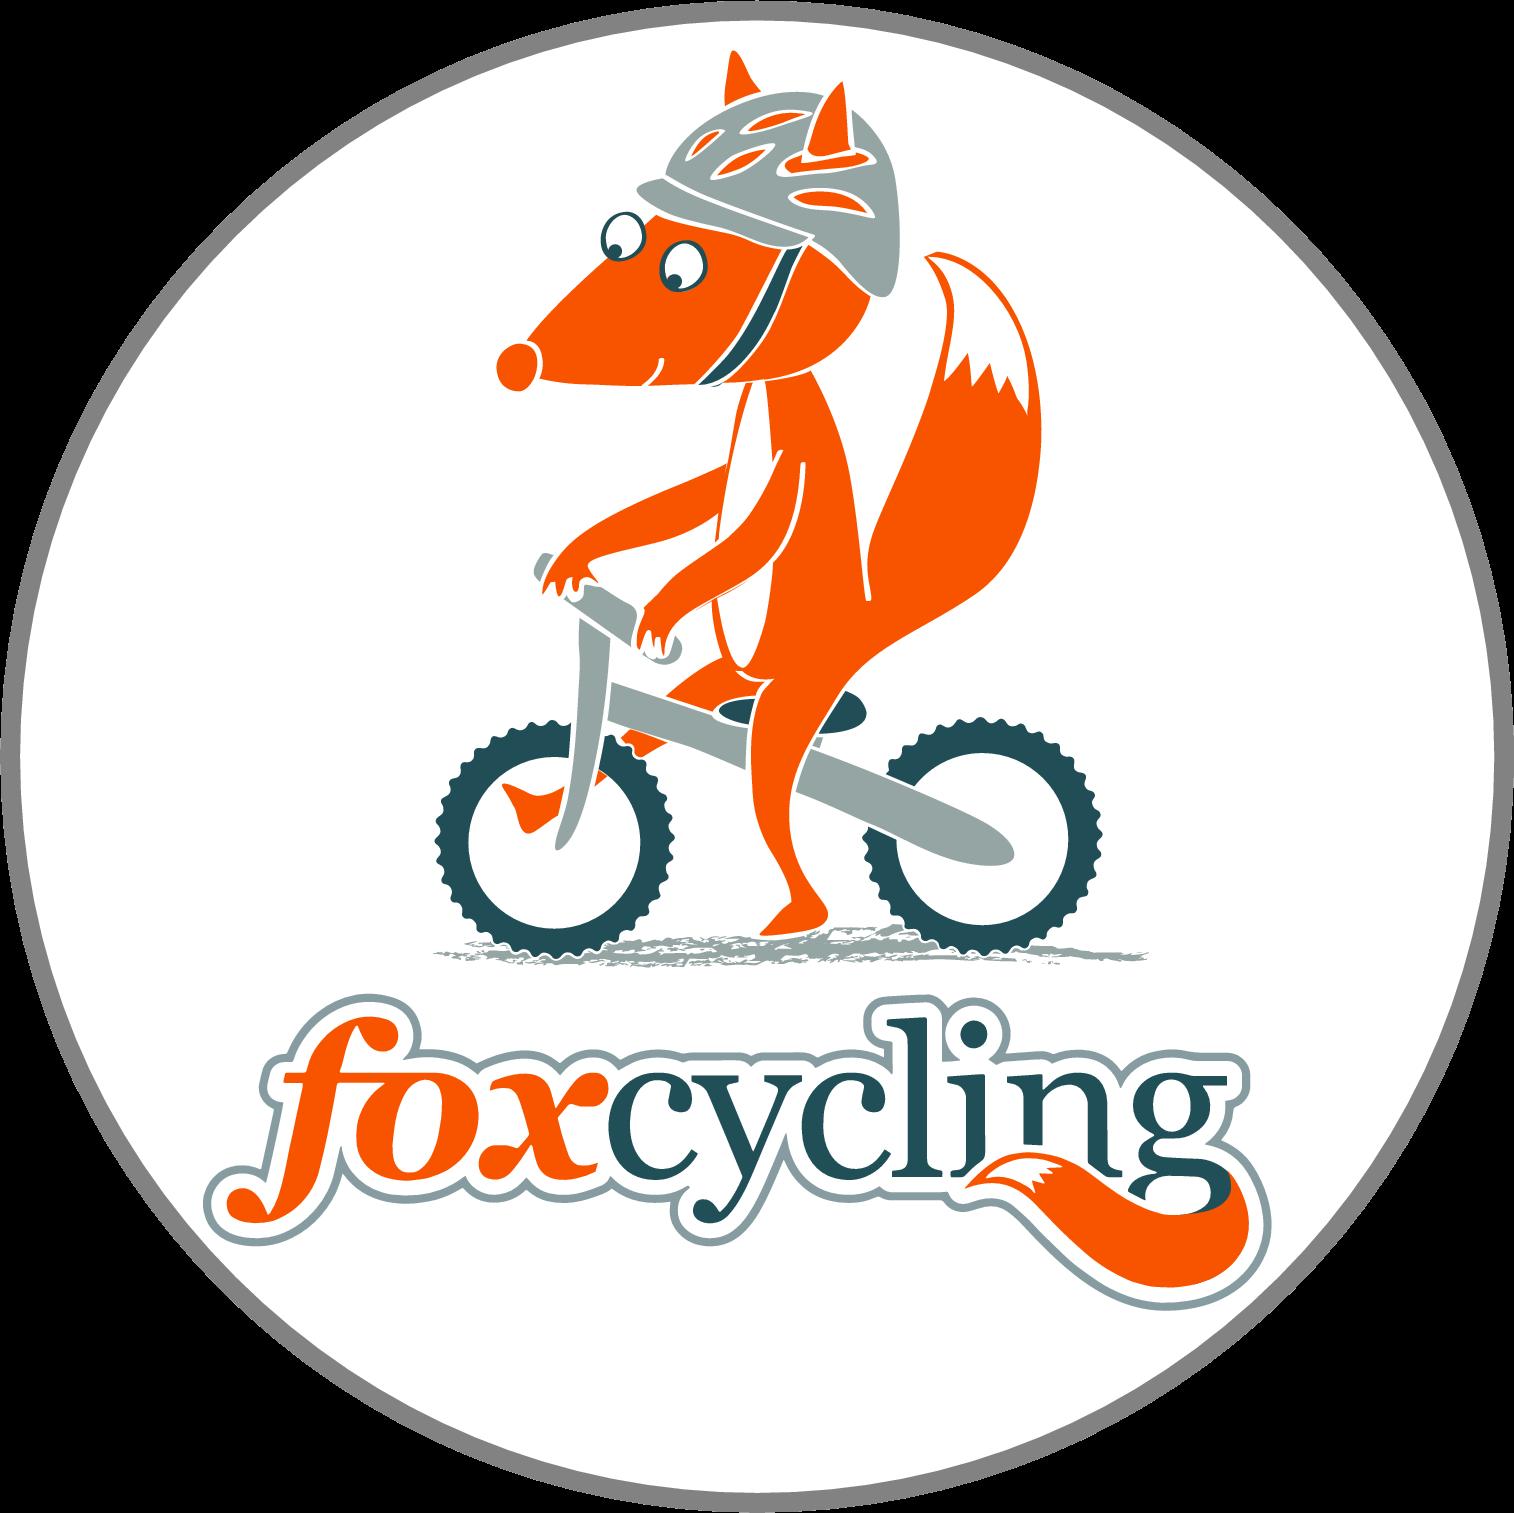 Cycletots 8th Jan - 12th Feb 2020